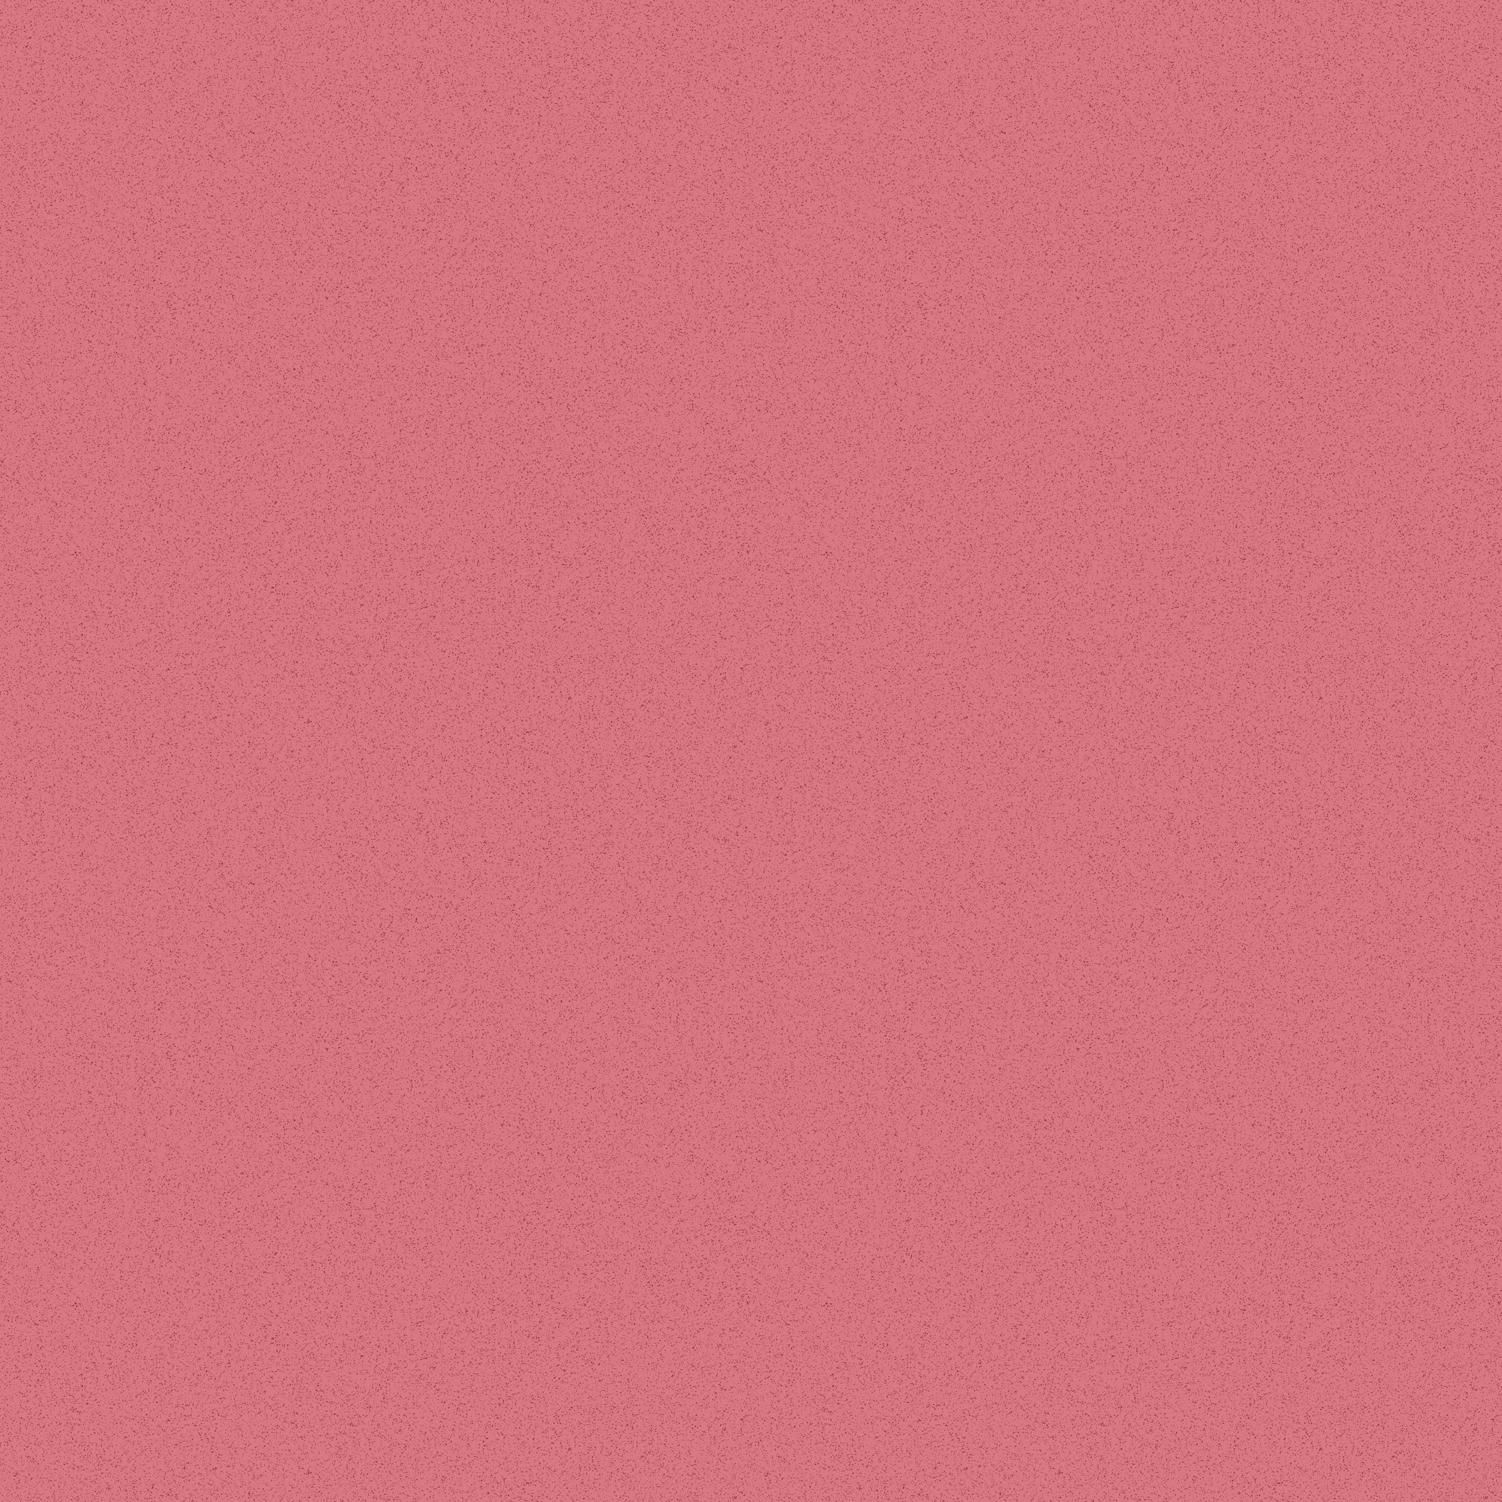 Dětské tapety Disney Deco 3010-5 | 10,05 x 0,53 m (Jednobarevná tapeta - papírová)